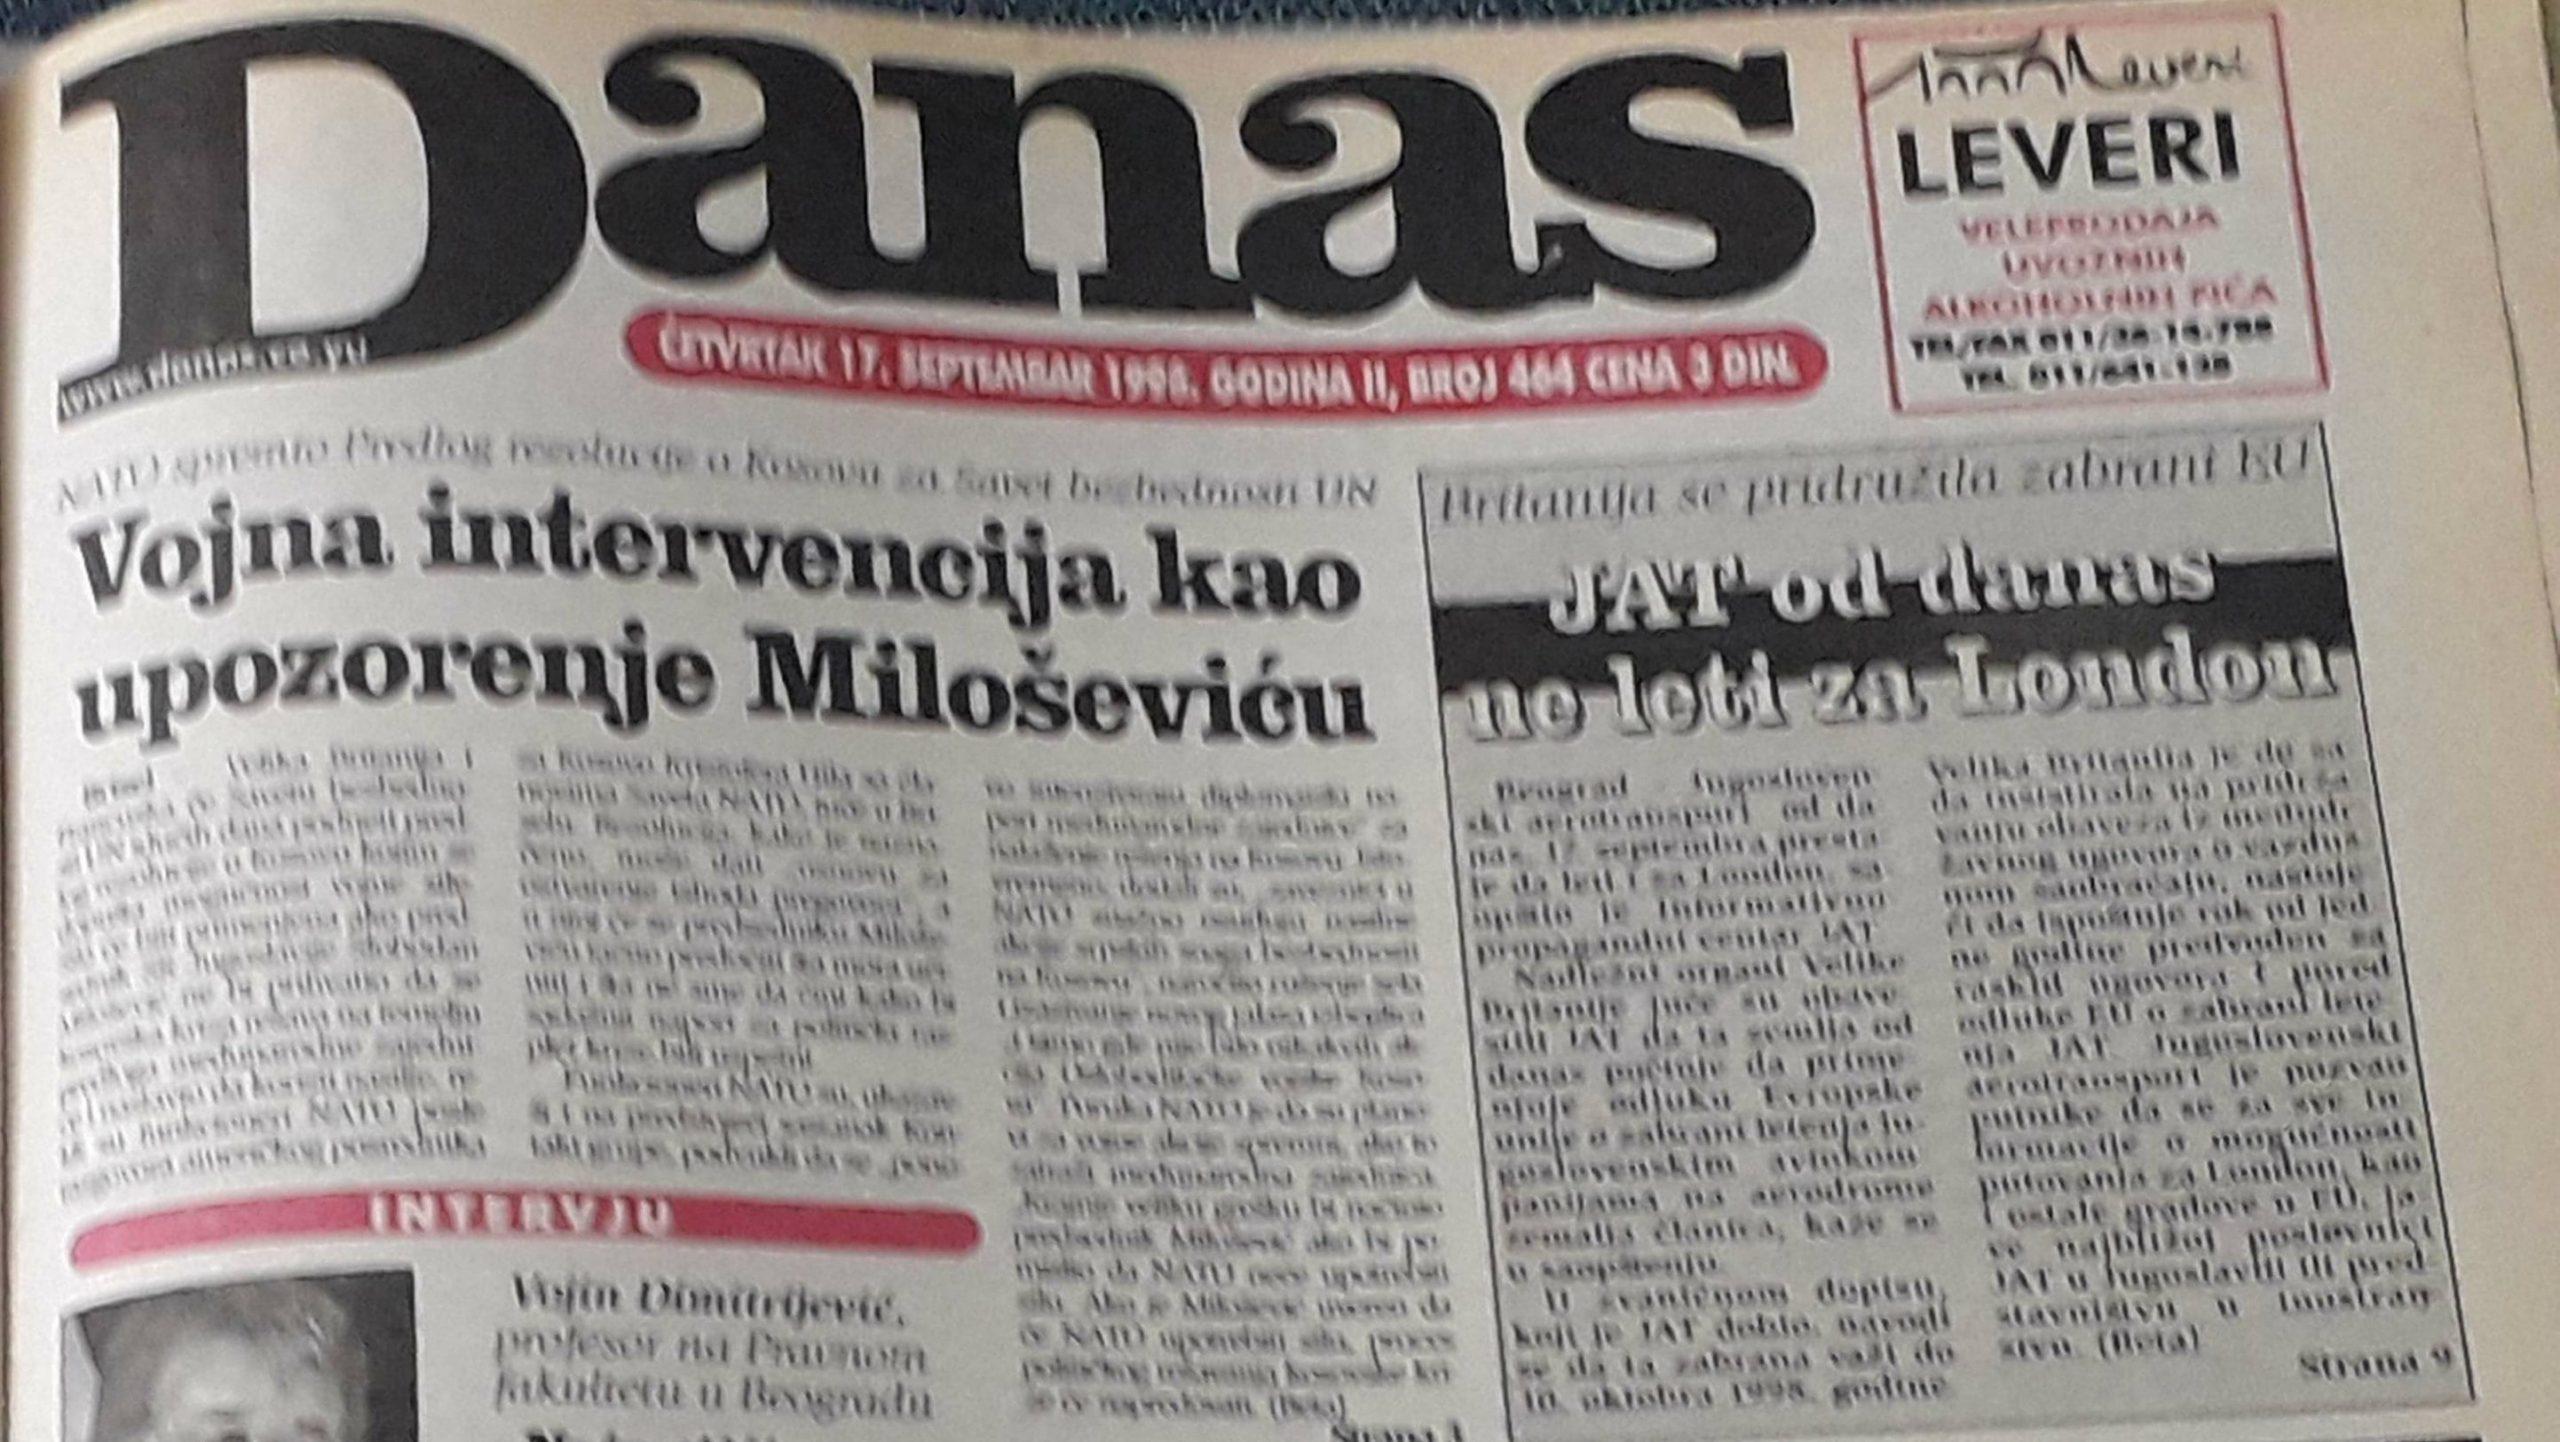 Danas (1998): Sve glasnije pretnje Jugoslaviji 1